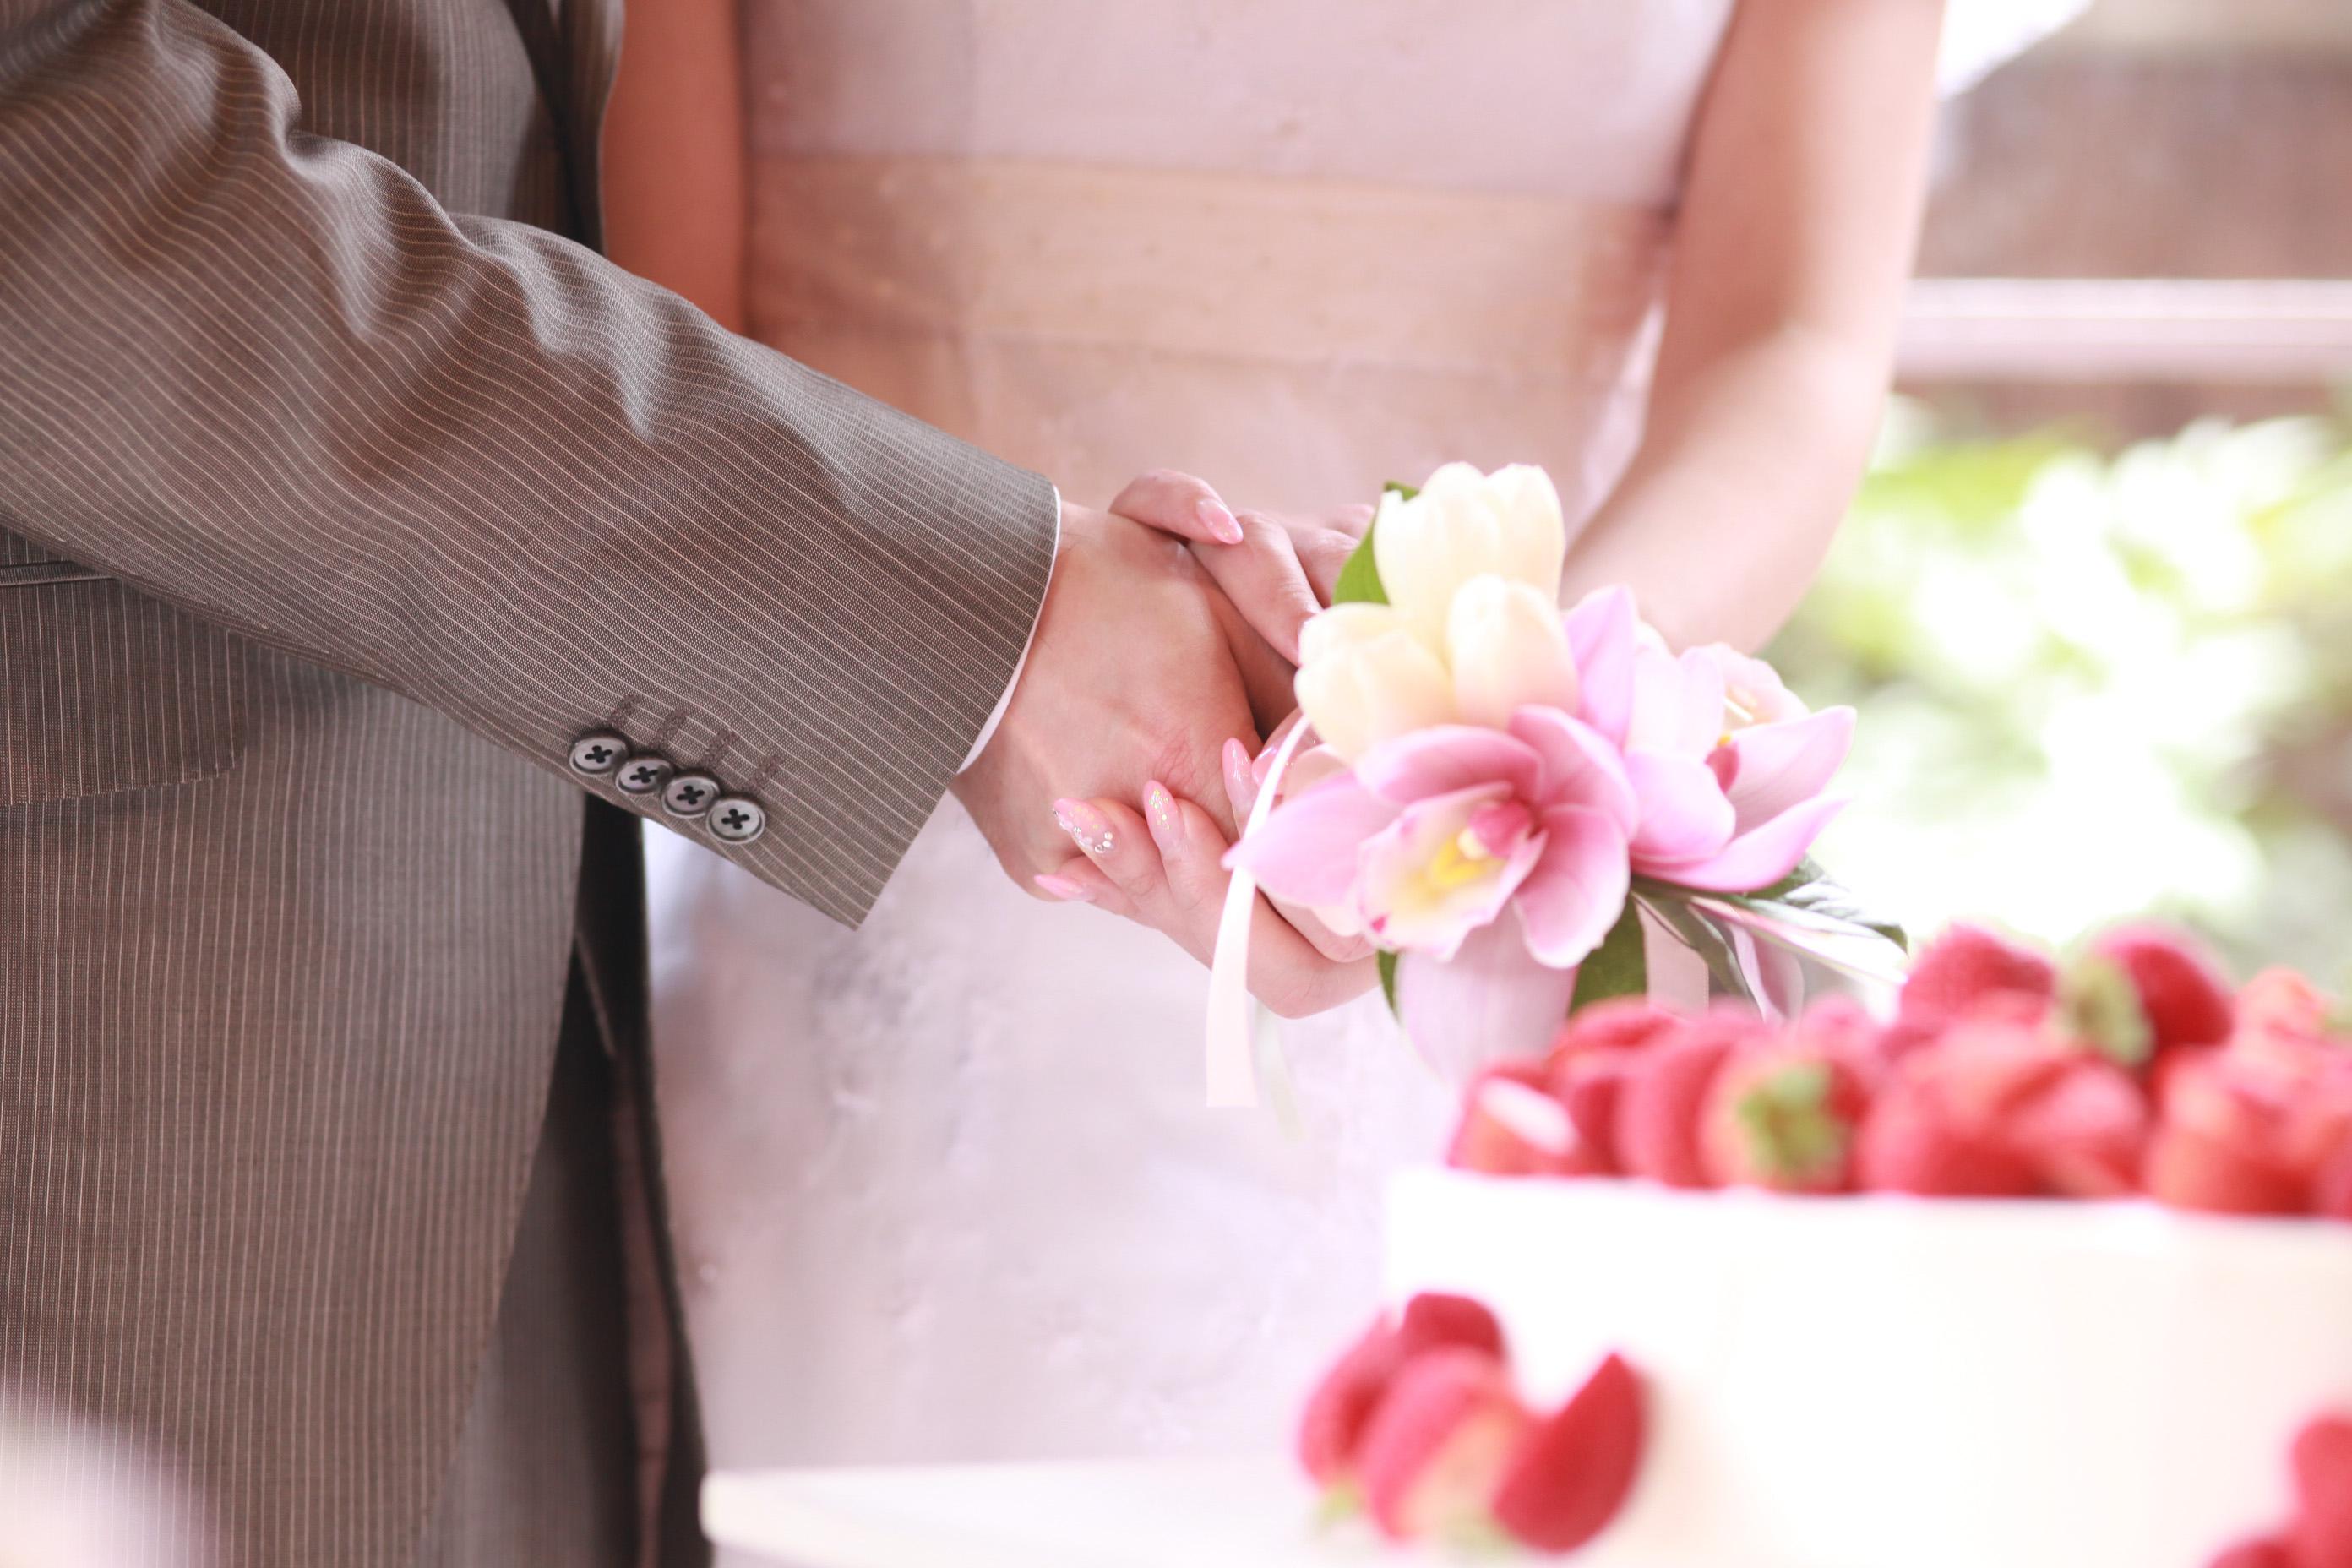 安心が結婚へ繋がる一歩となった